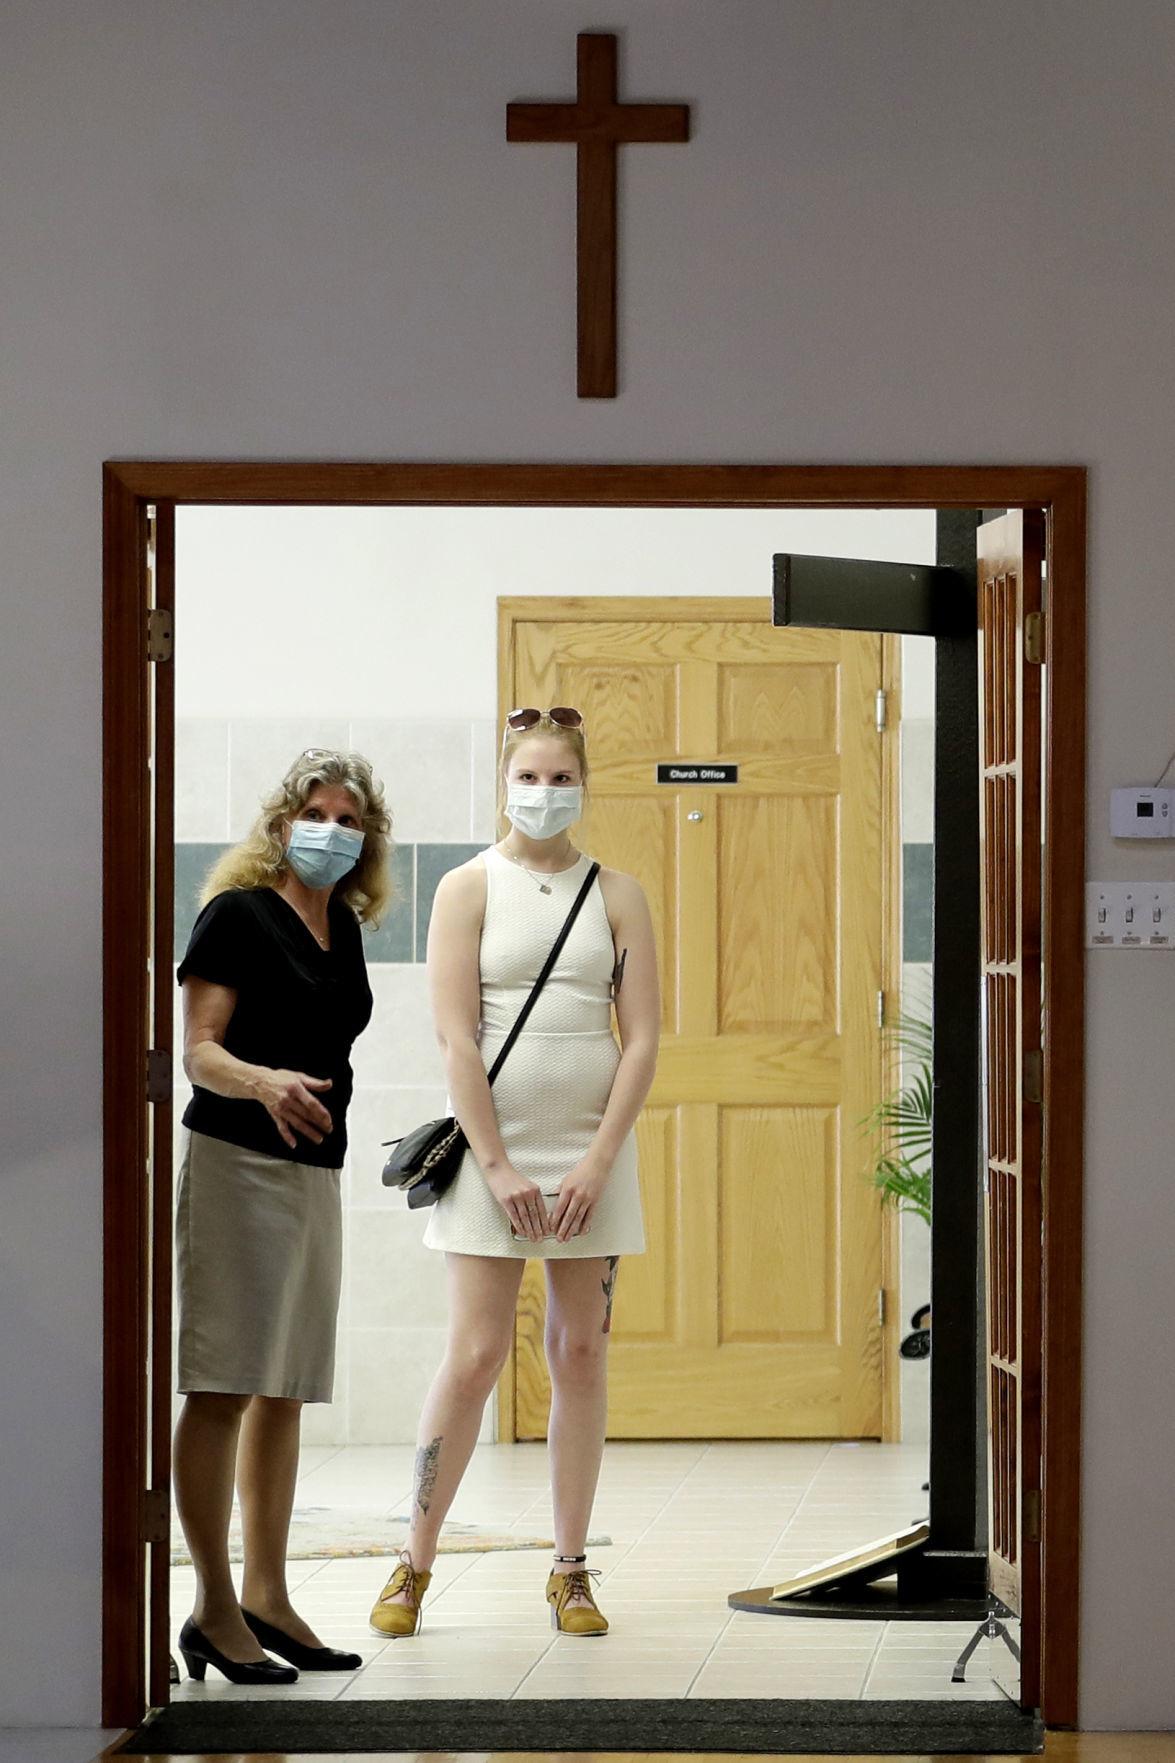 APTOPIX Virus Outbreak Churches Reopen Illinois